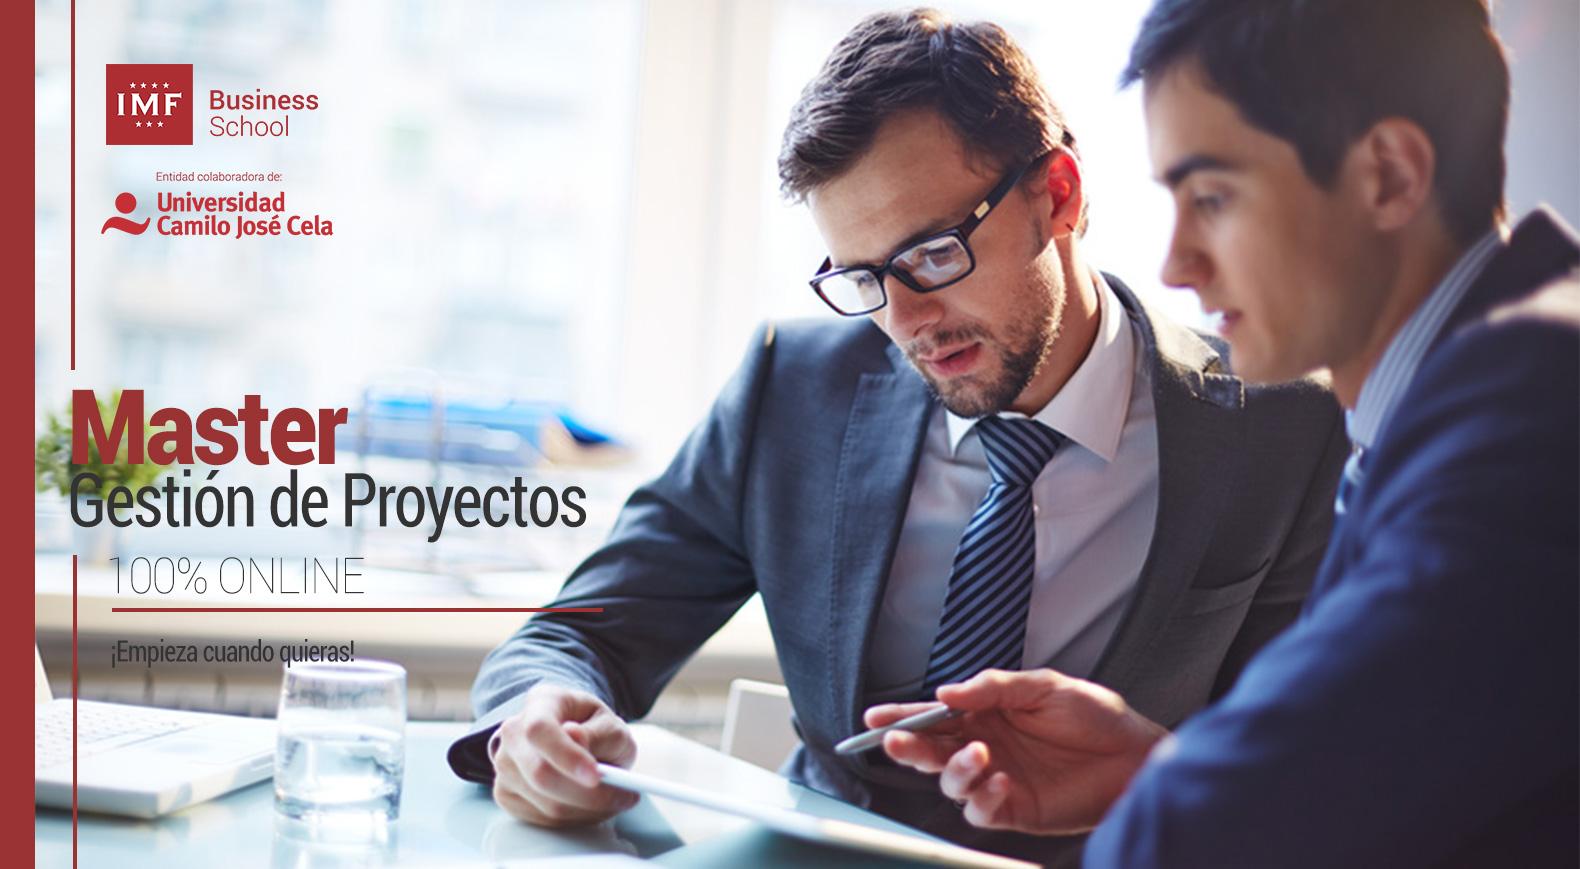 Master en Gestión de Proyectos Online - PMP